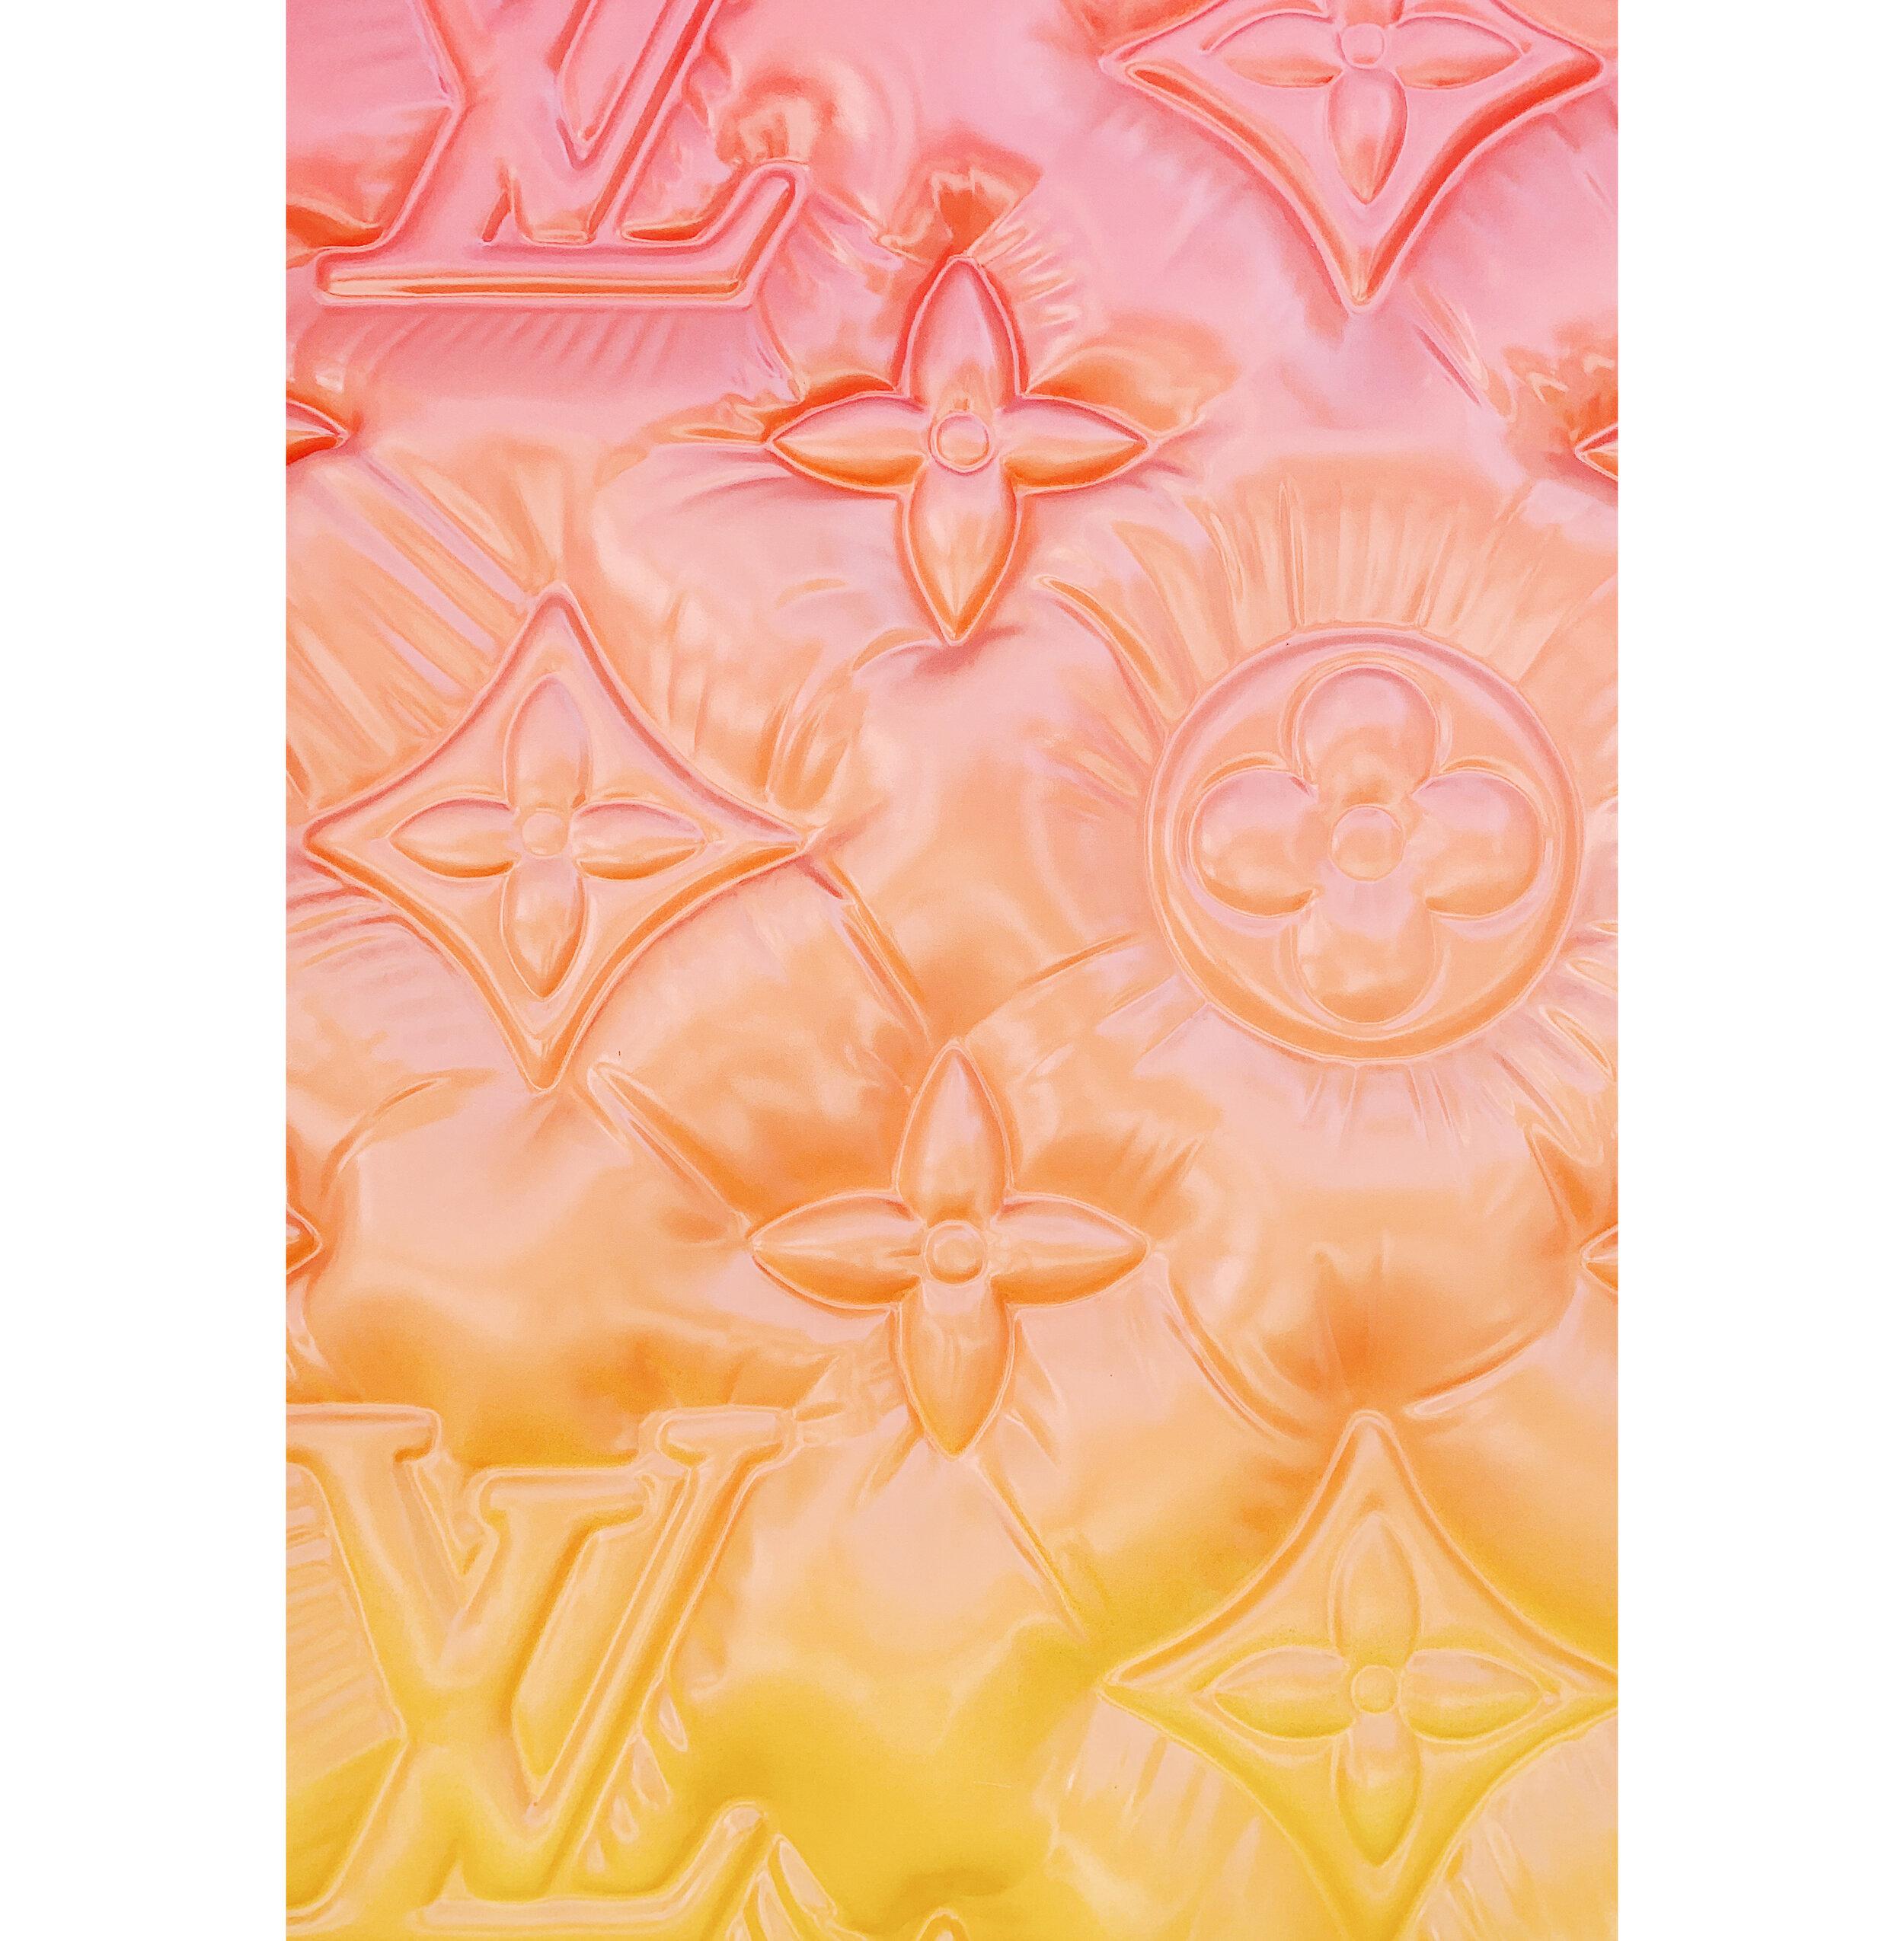 Louis Vuitton X 7.jpg